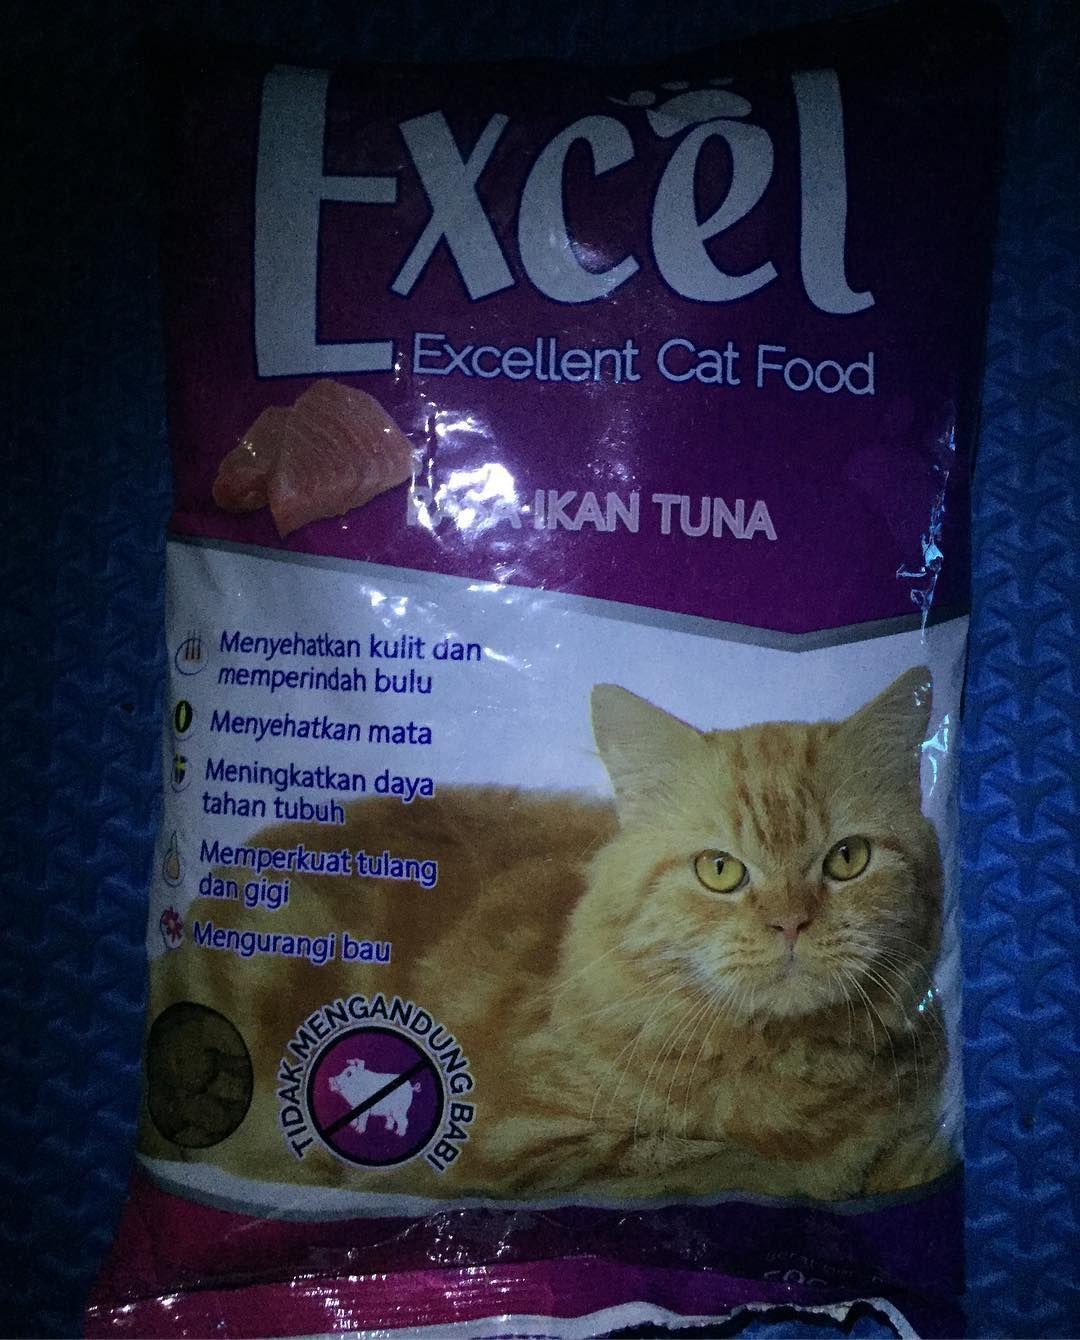 Exel Catfood Bolt Dogfood Makanankucing Catfood Petshop Krisnabirdshop Cat Food Pet Shop Cats